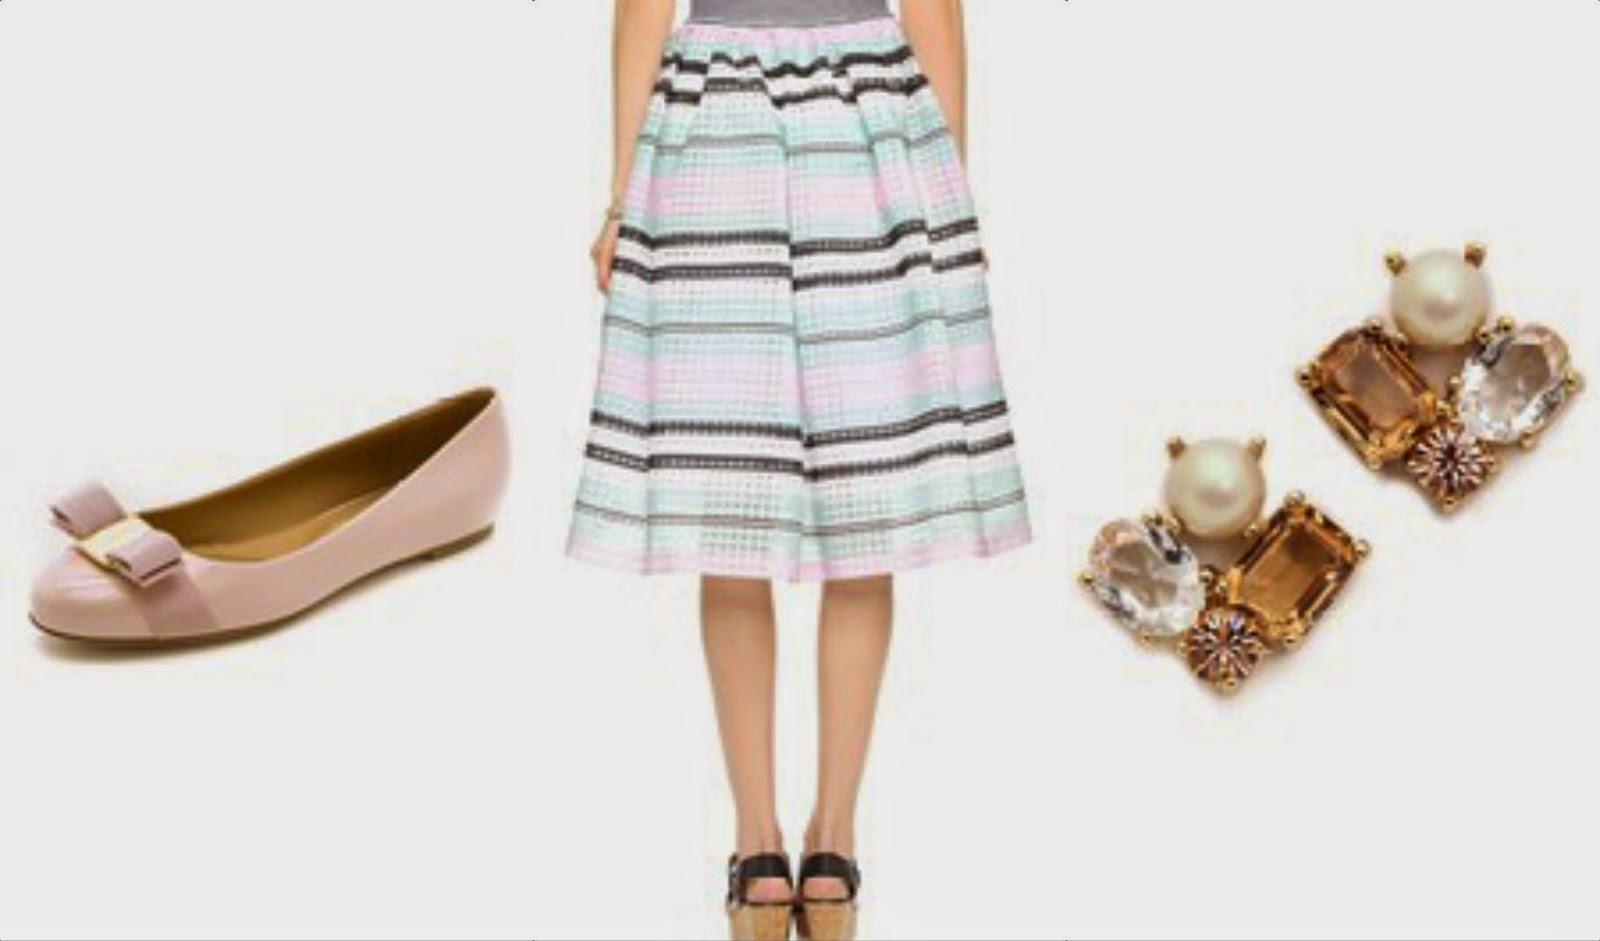 ferragamo shoes spring skirt kate spade earrings